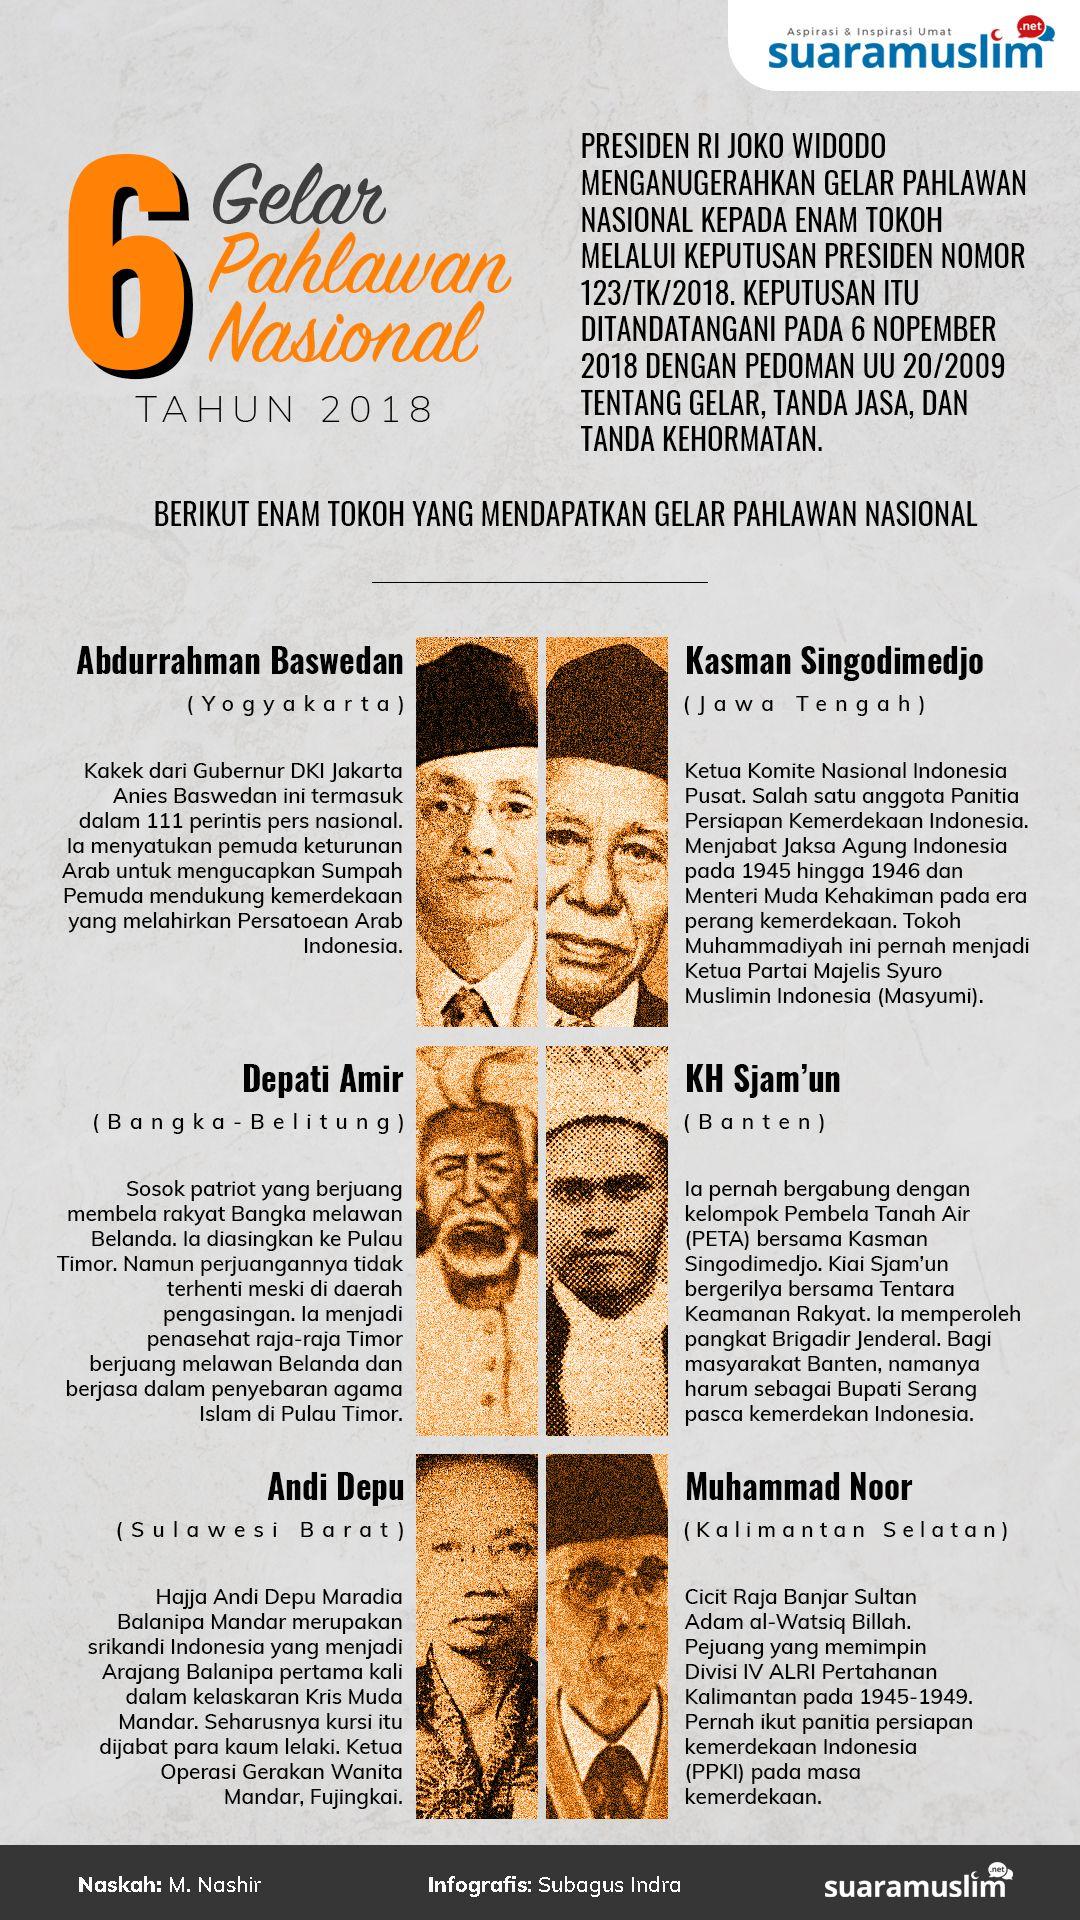 Gambar Pahlawan Nasional Dan Penjelasannya